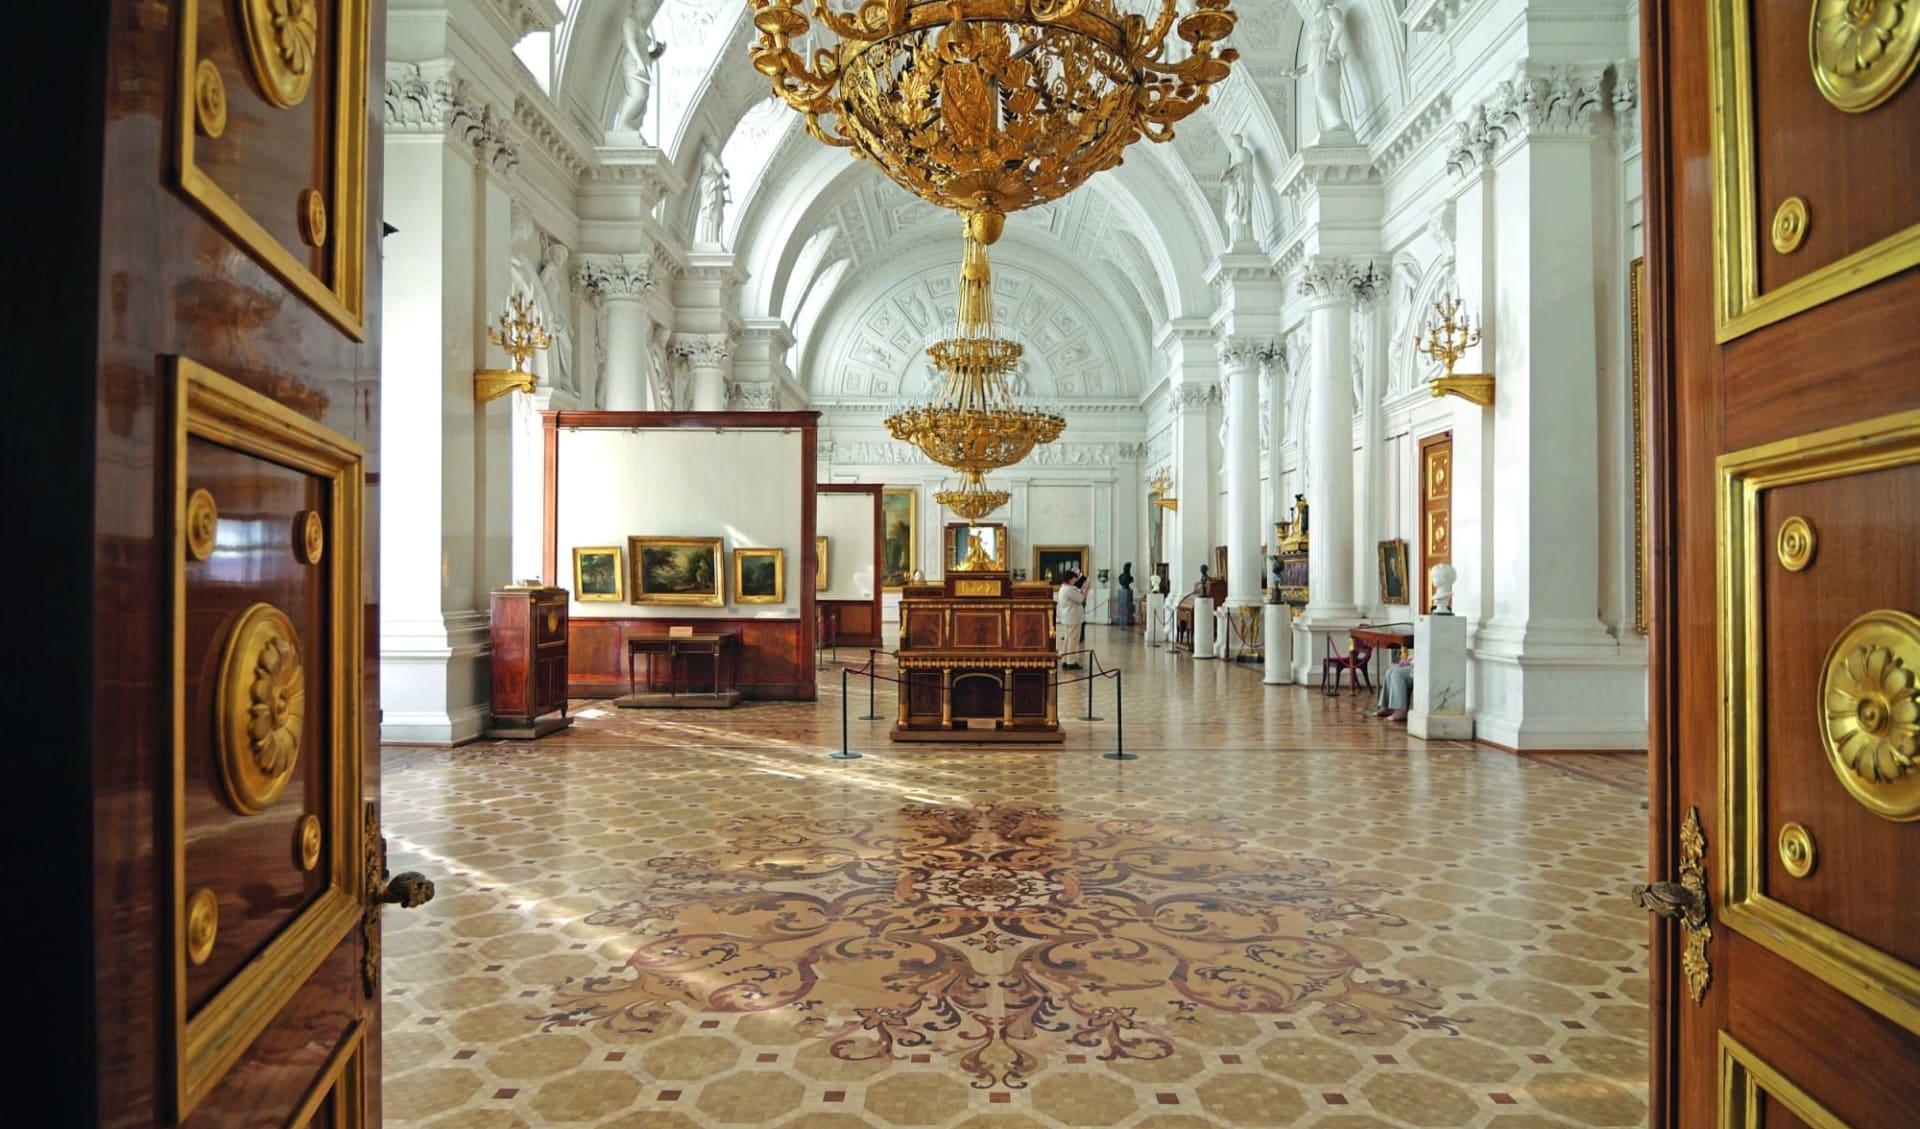 Golden Eagle, Luxuriös auf der Suche nach den Nordlichtern ab St. Petersburg: Russland_St_Petersburg_Eremitage_Winterpalast_shutterstock_64449244_tovovan